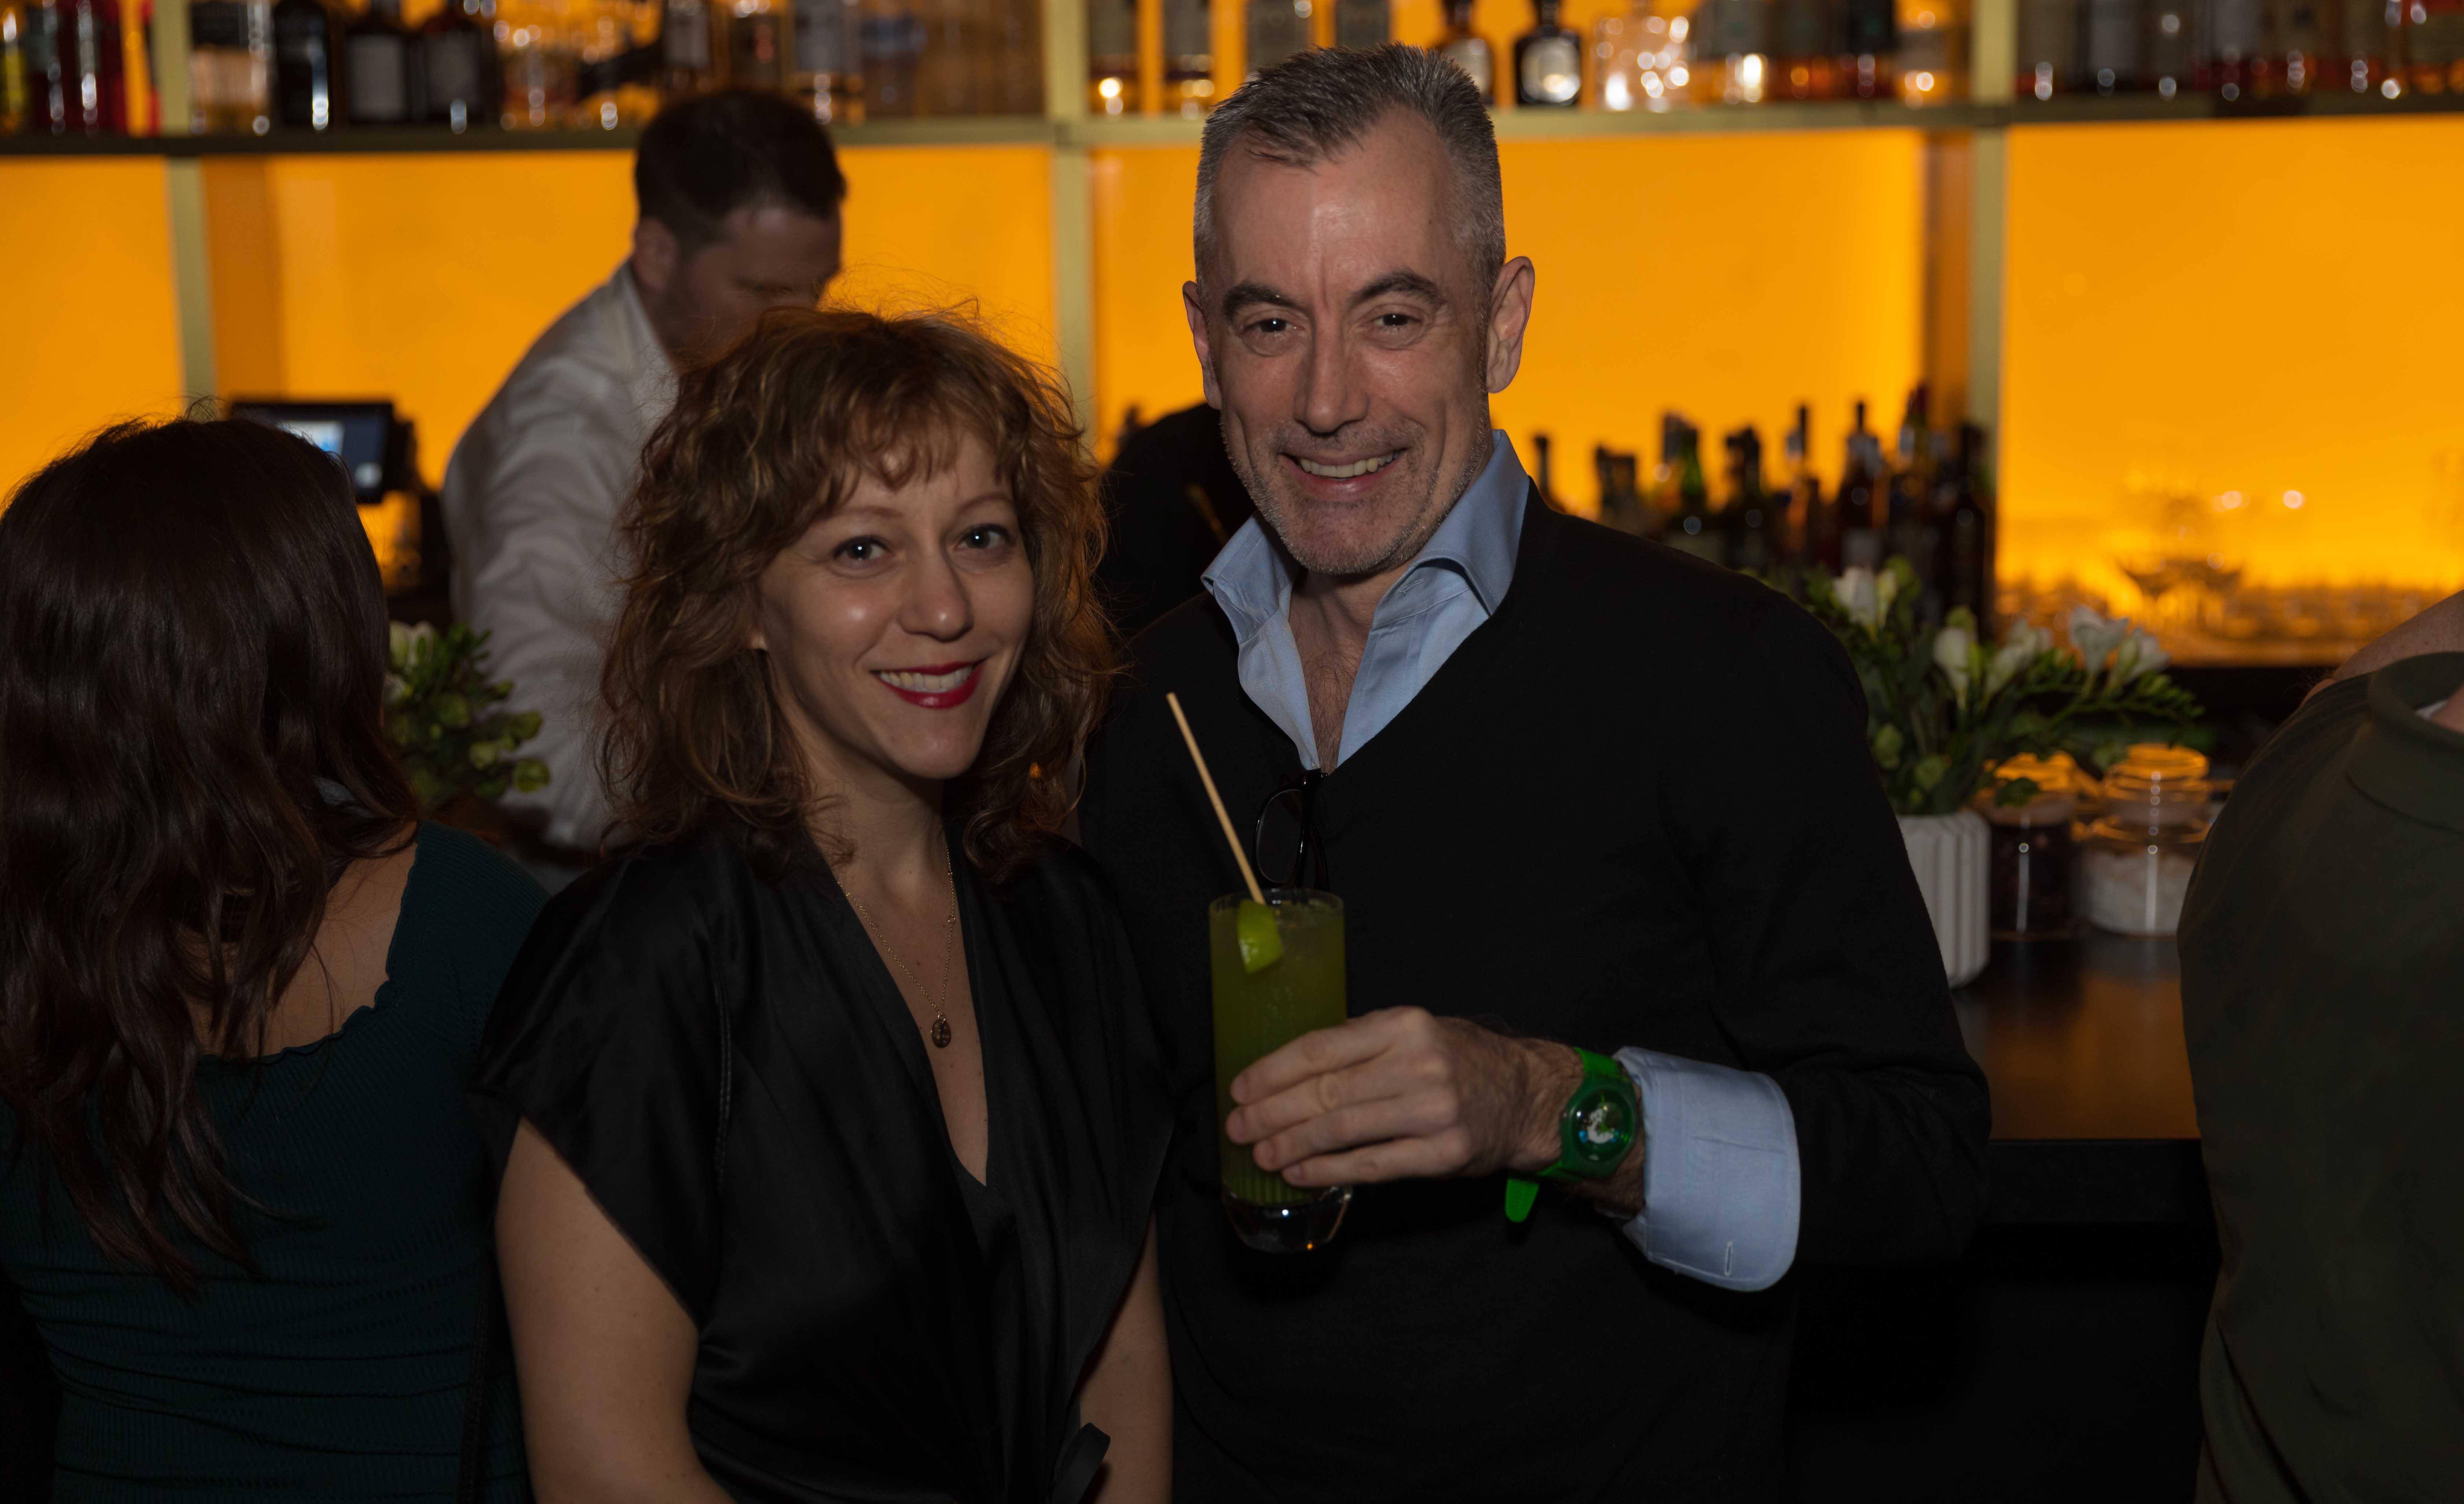 Sara Roffino and Ted Loos